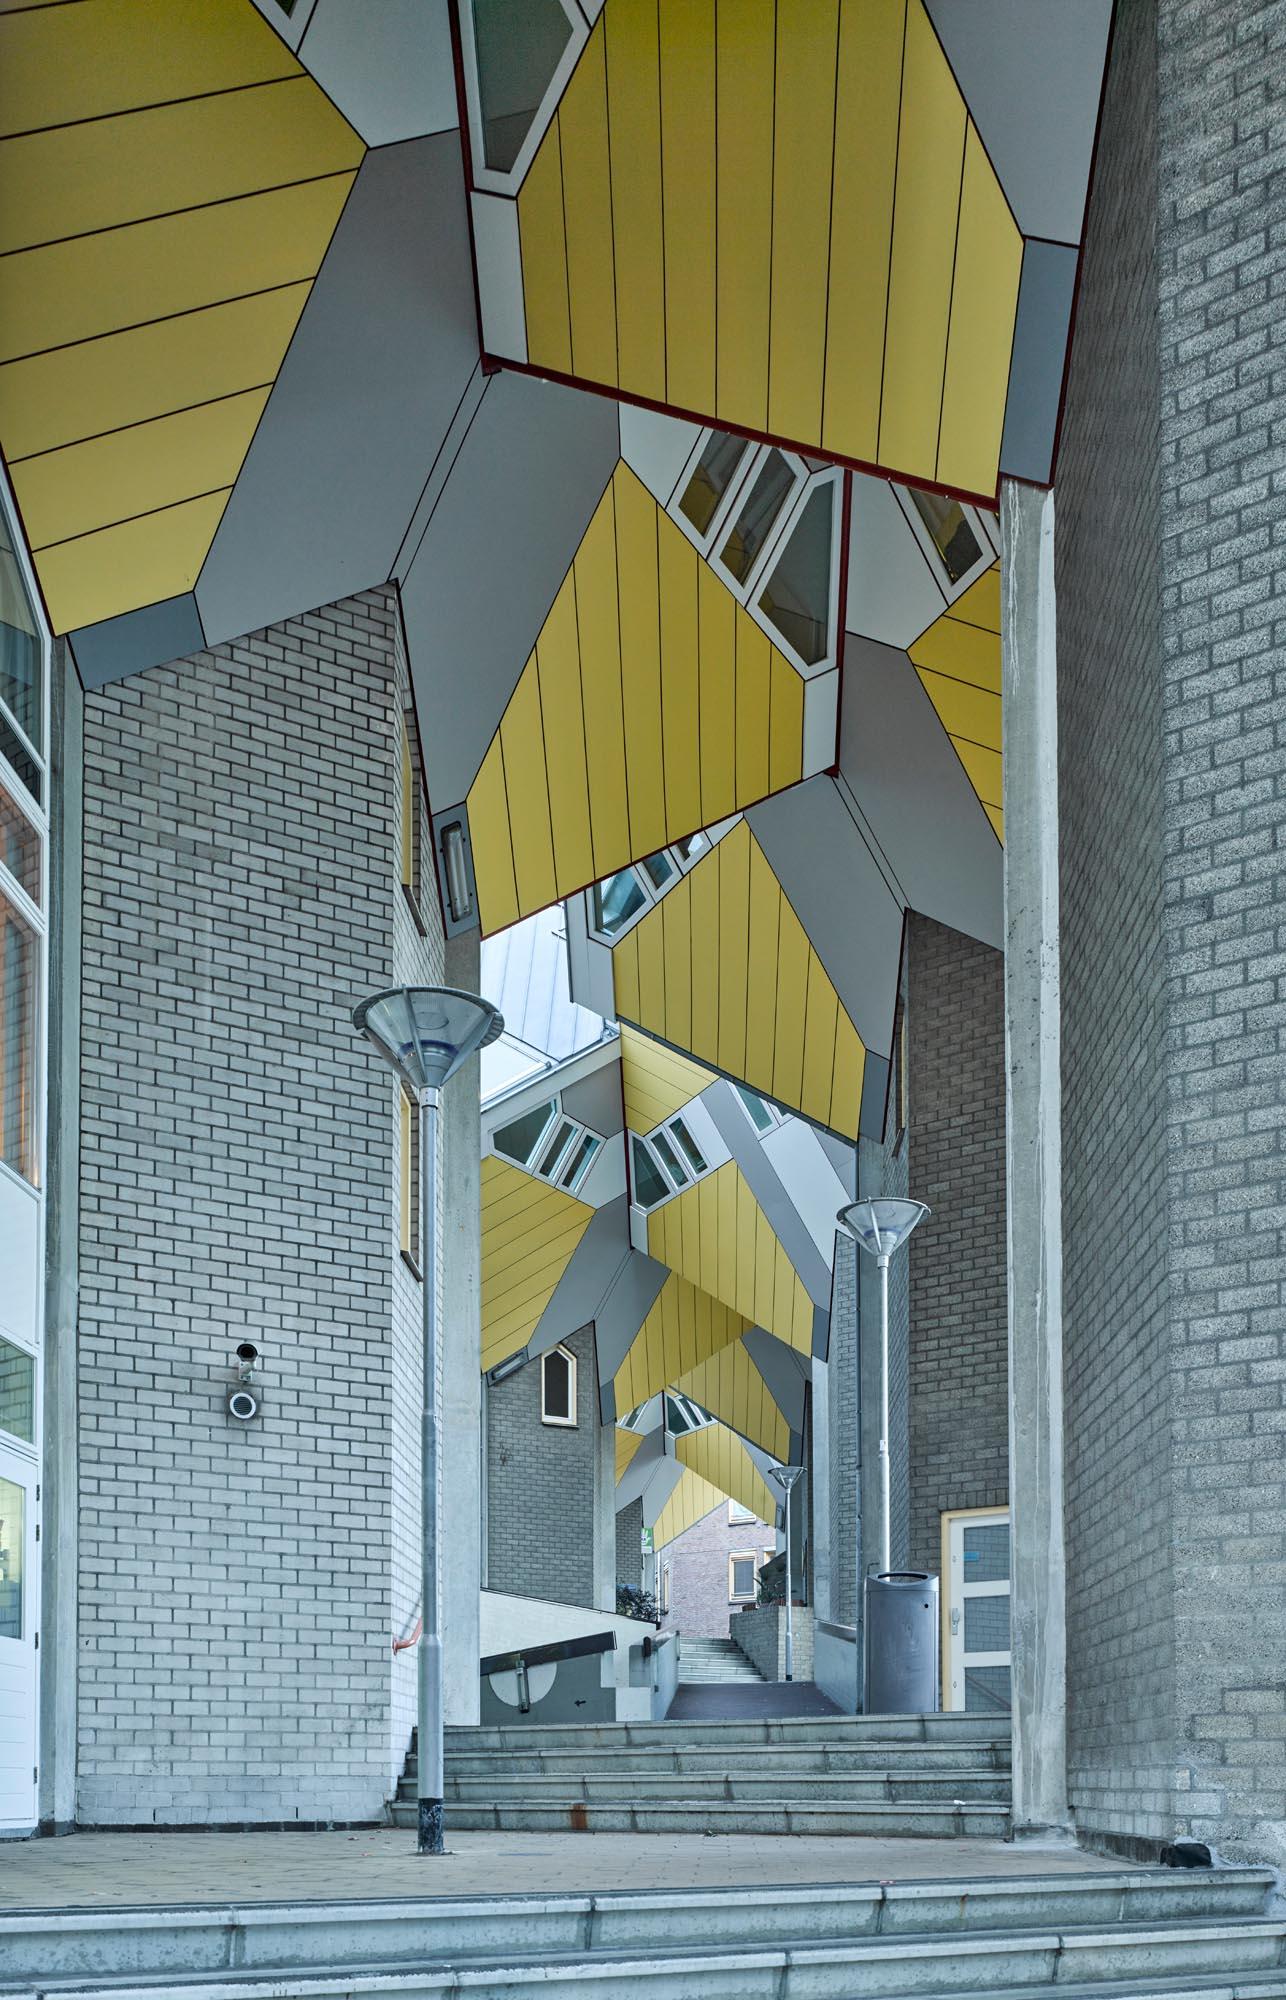 Opp 004885 - Rotterdam: Spielwiese verrückter Architektur von Weltruf